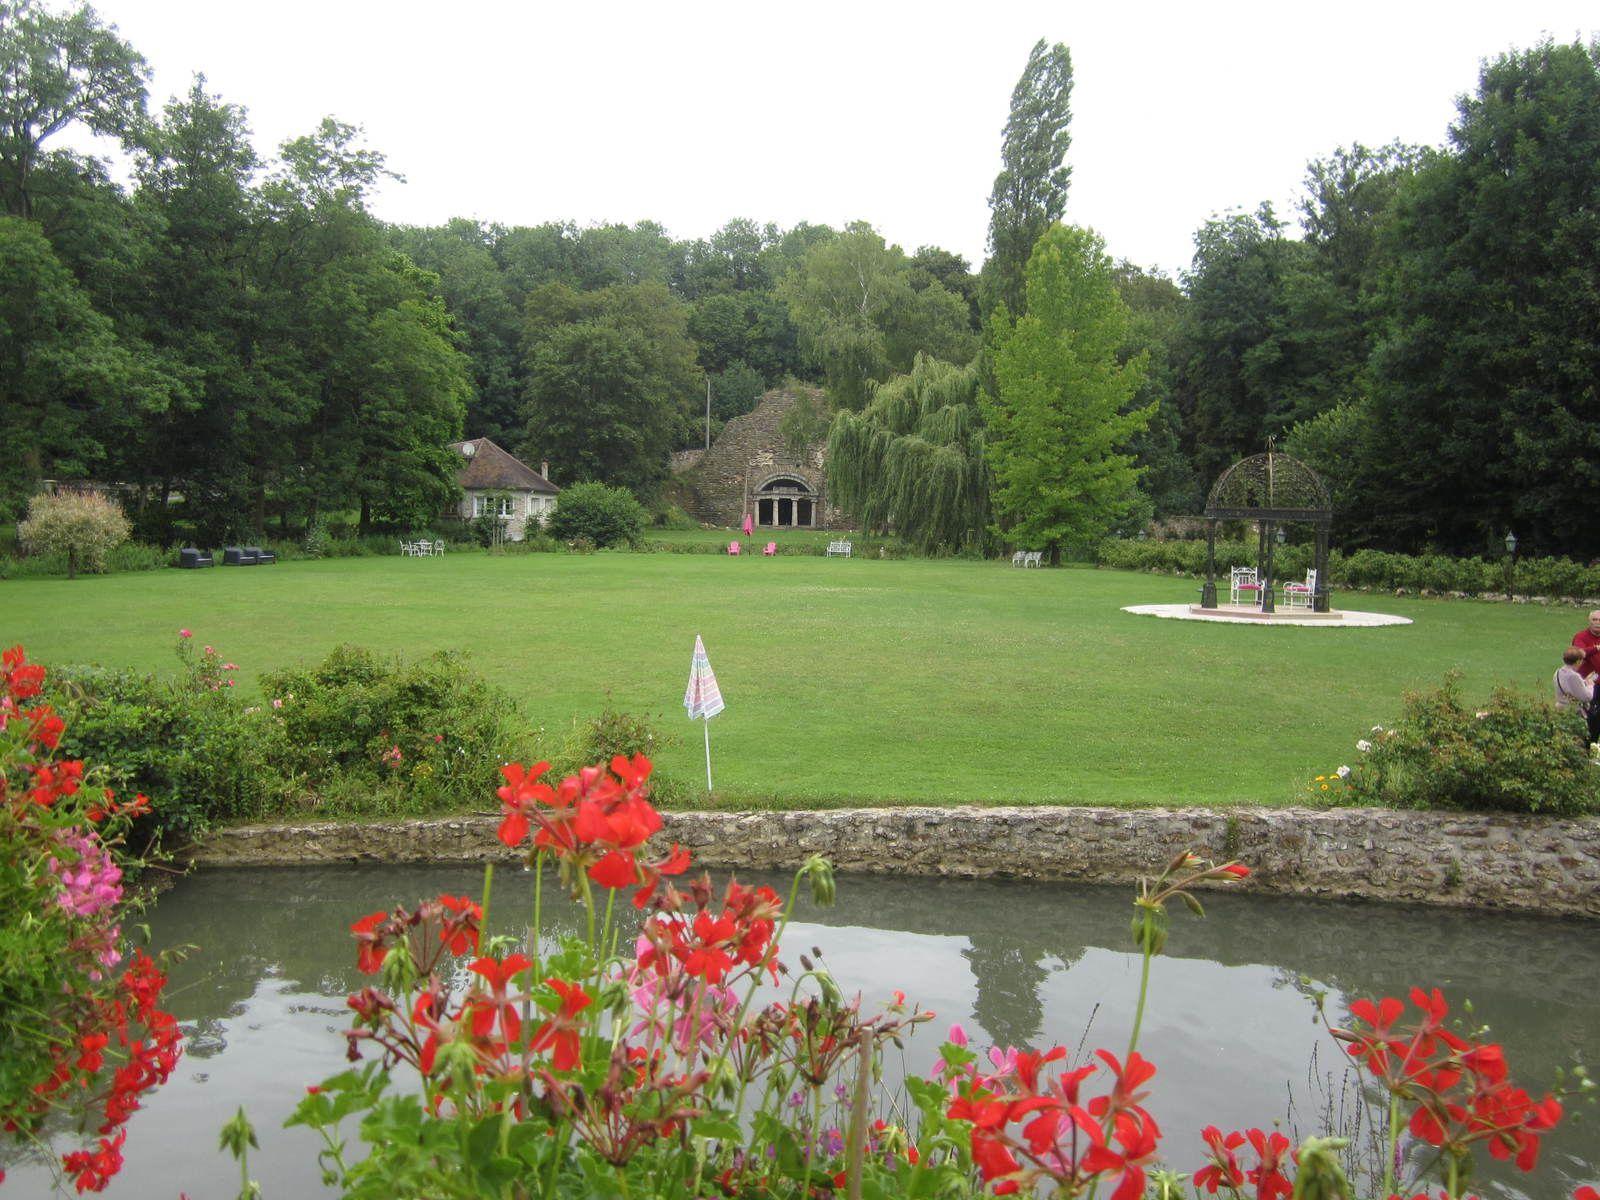 Le parc recèle des beaux endroits à dessiner.